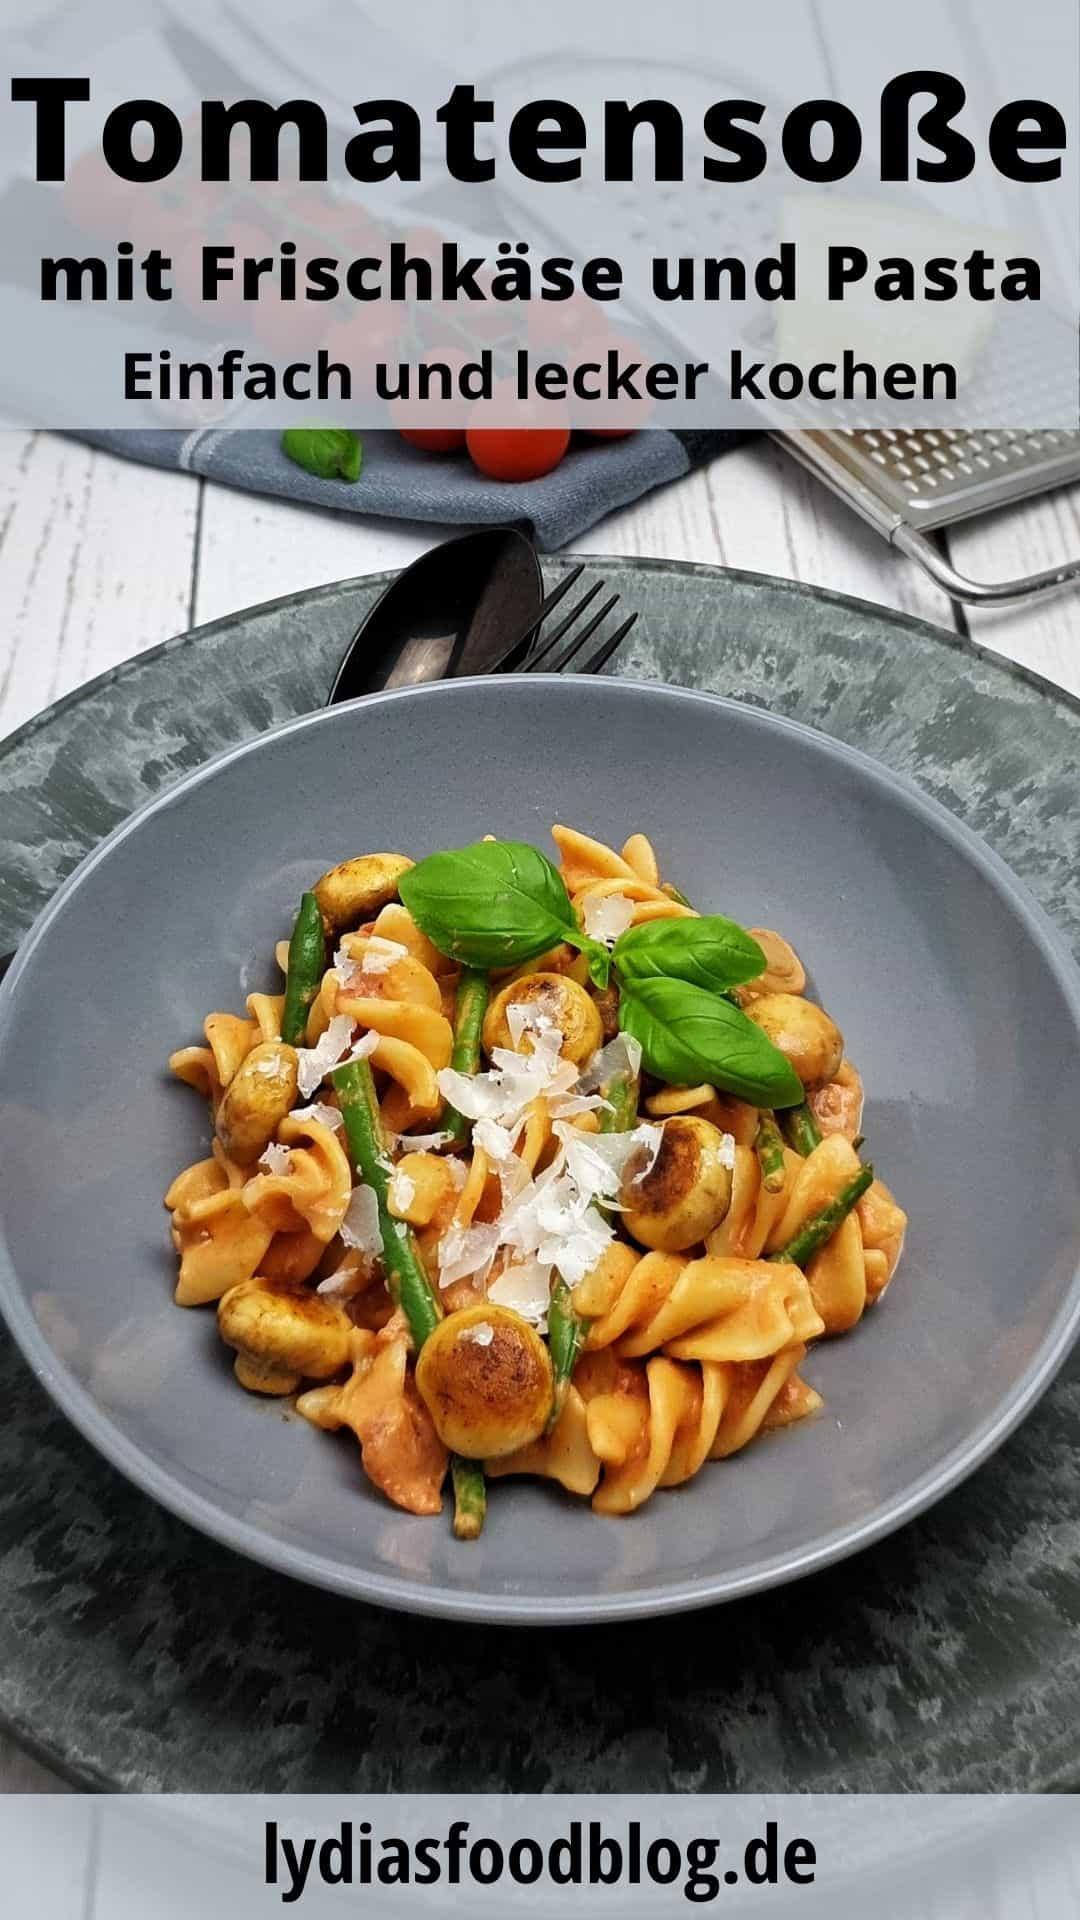 Pasta mit Pasta mit Tomaten-Frischkäse-Soße in einer grauen Schale angerichtet. Mit Parmesan bestreut und mit Basilikum serviert.